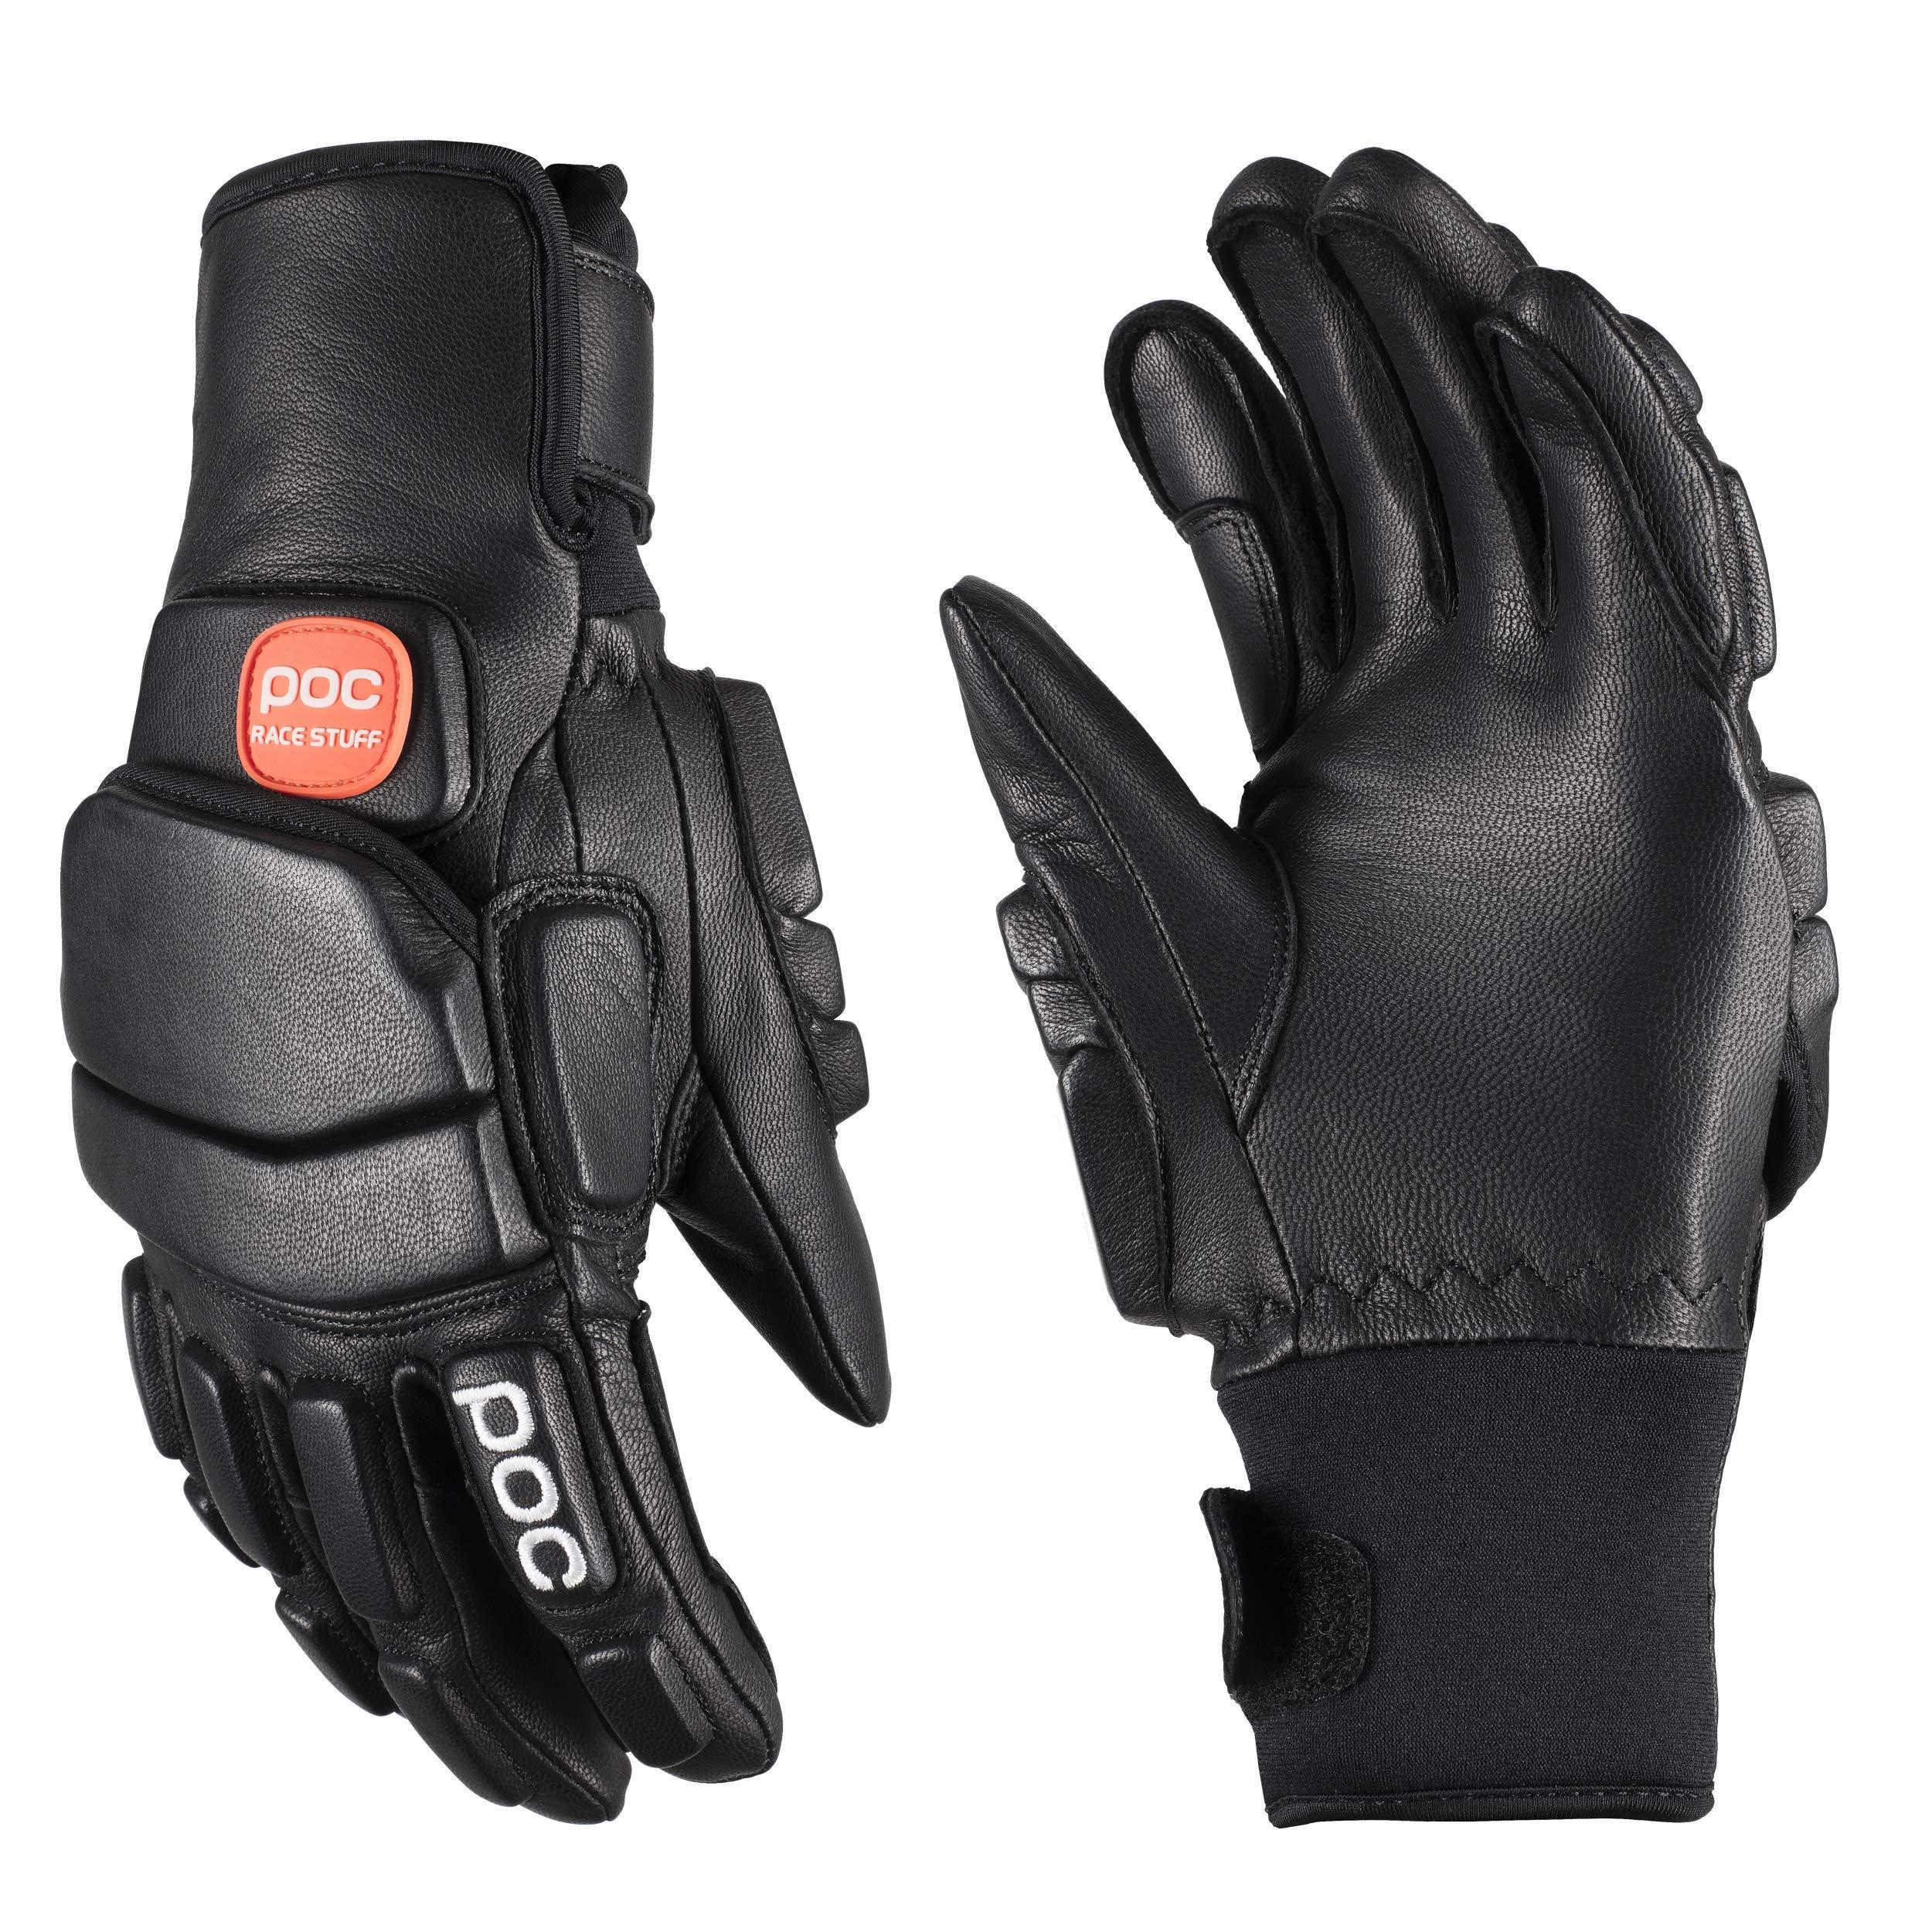 POC Super Palm Comp JR Gloves Uranium Black 10Y